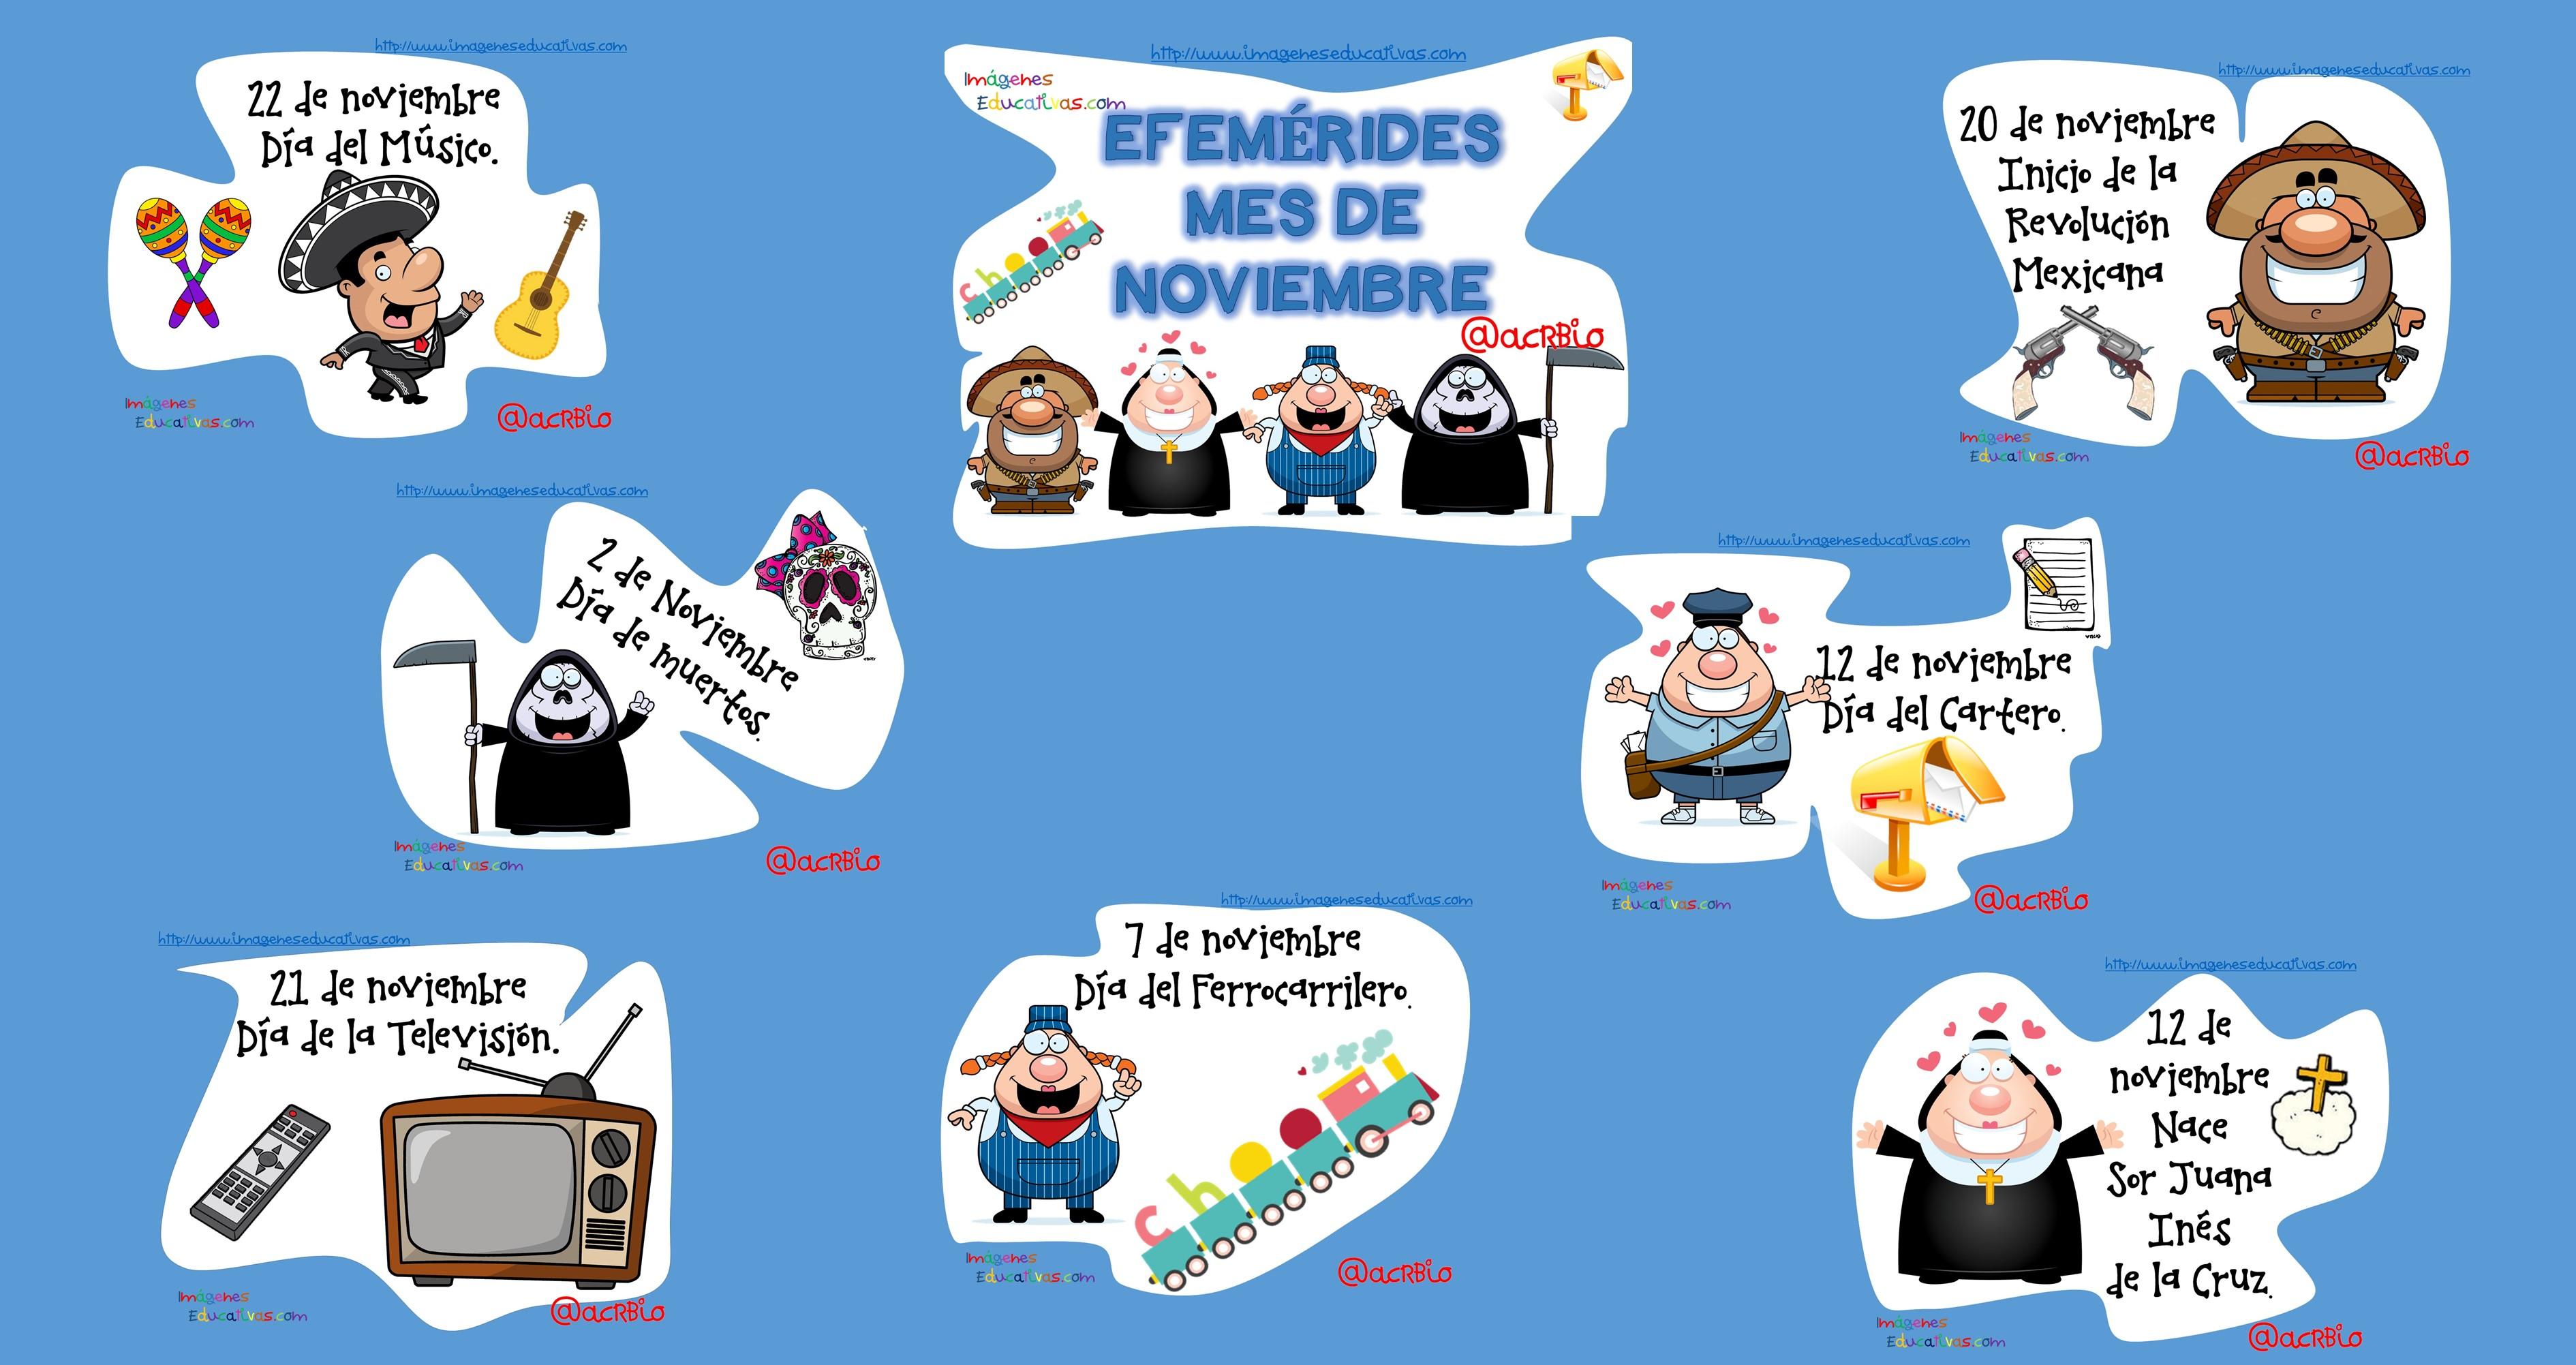 Periodico mural noviembre imagenes educativas for Diario mural en ingles